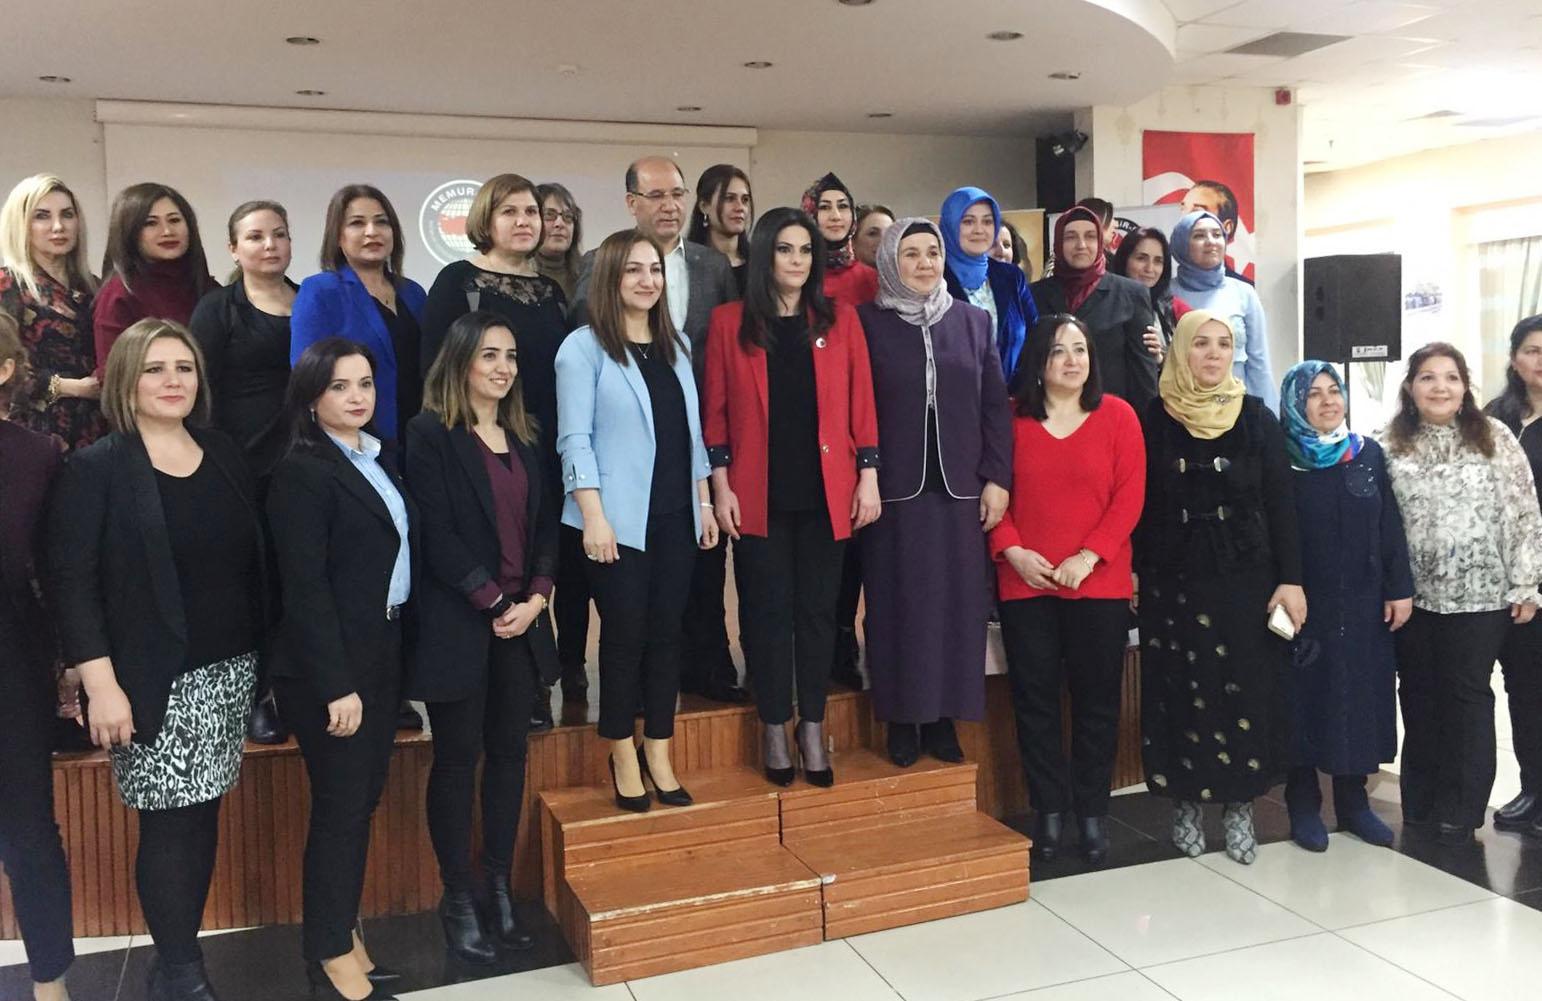 Birlik Haber-Sen Adana Şube'den Kadınlara Özel Kahvaltı Programı